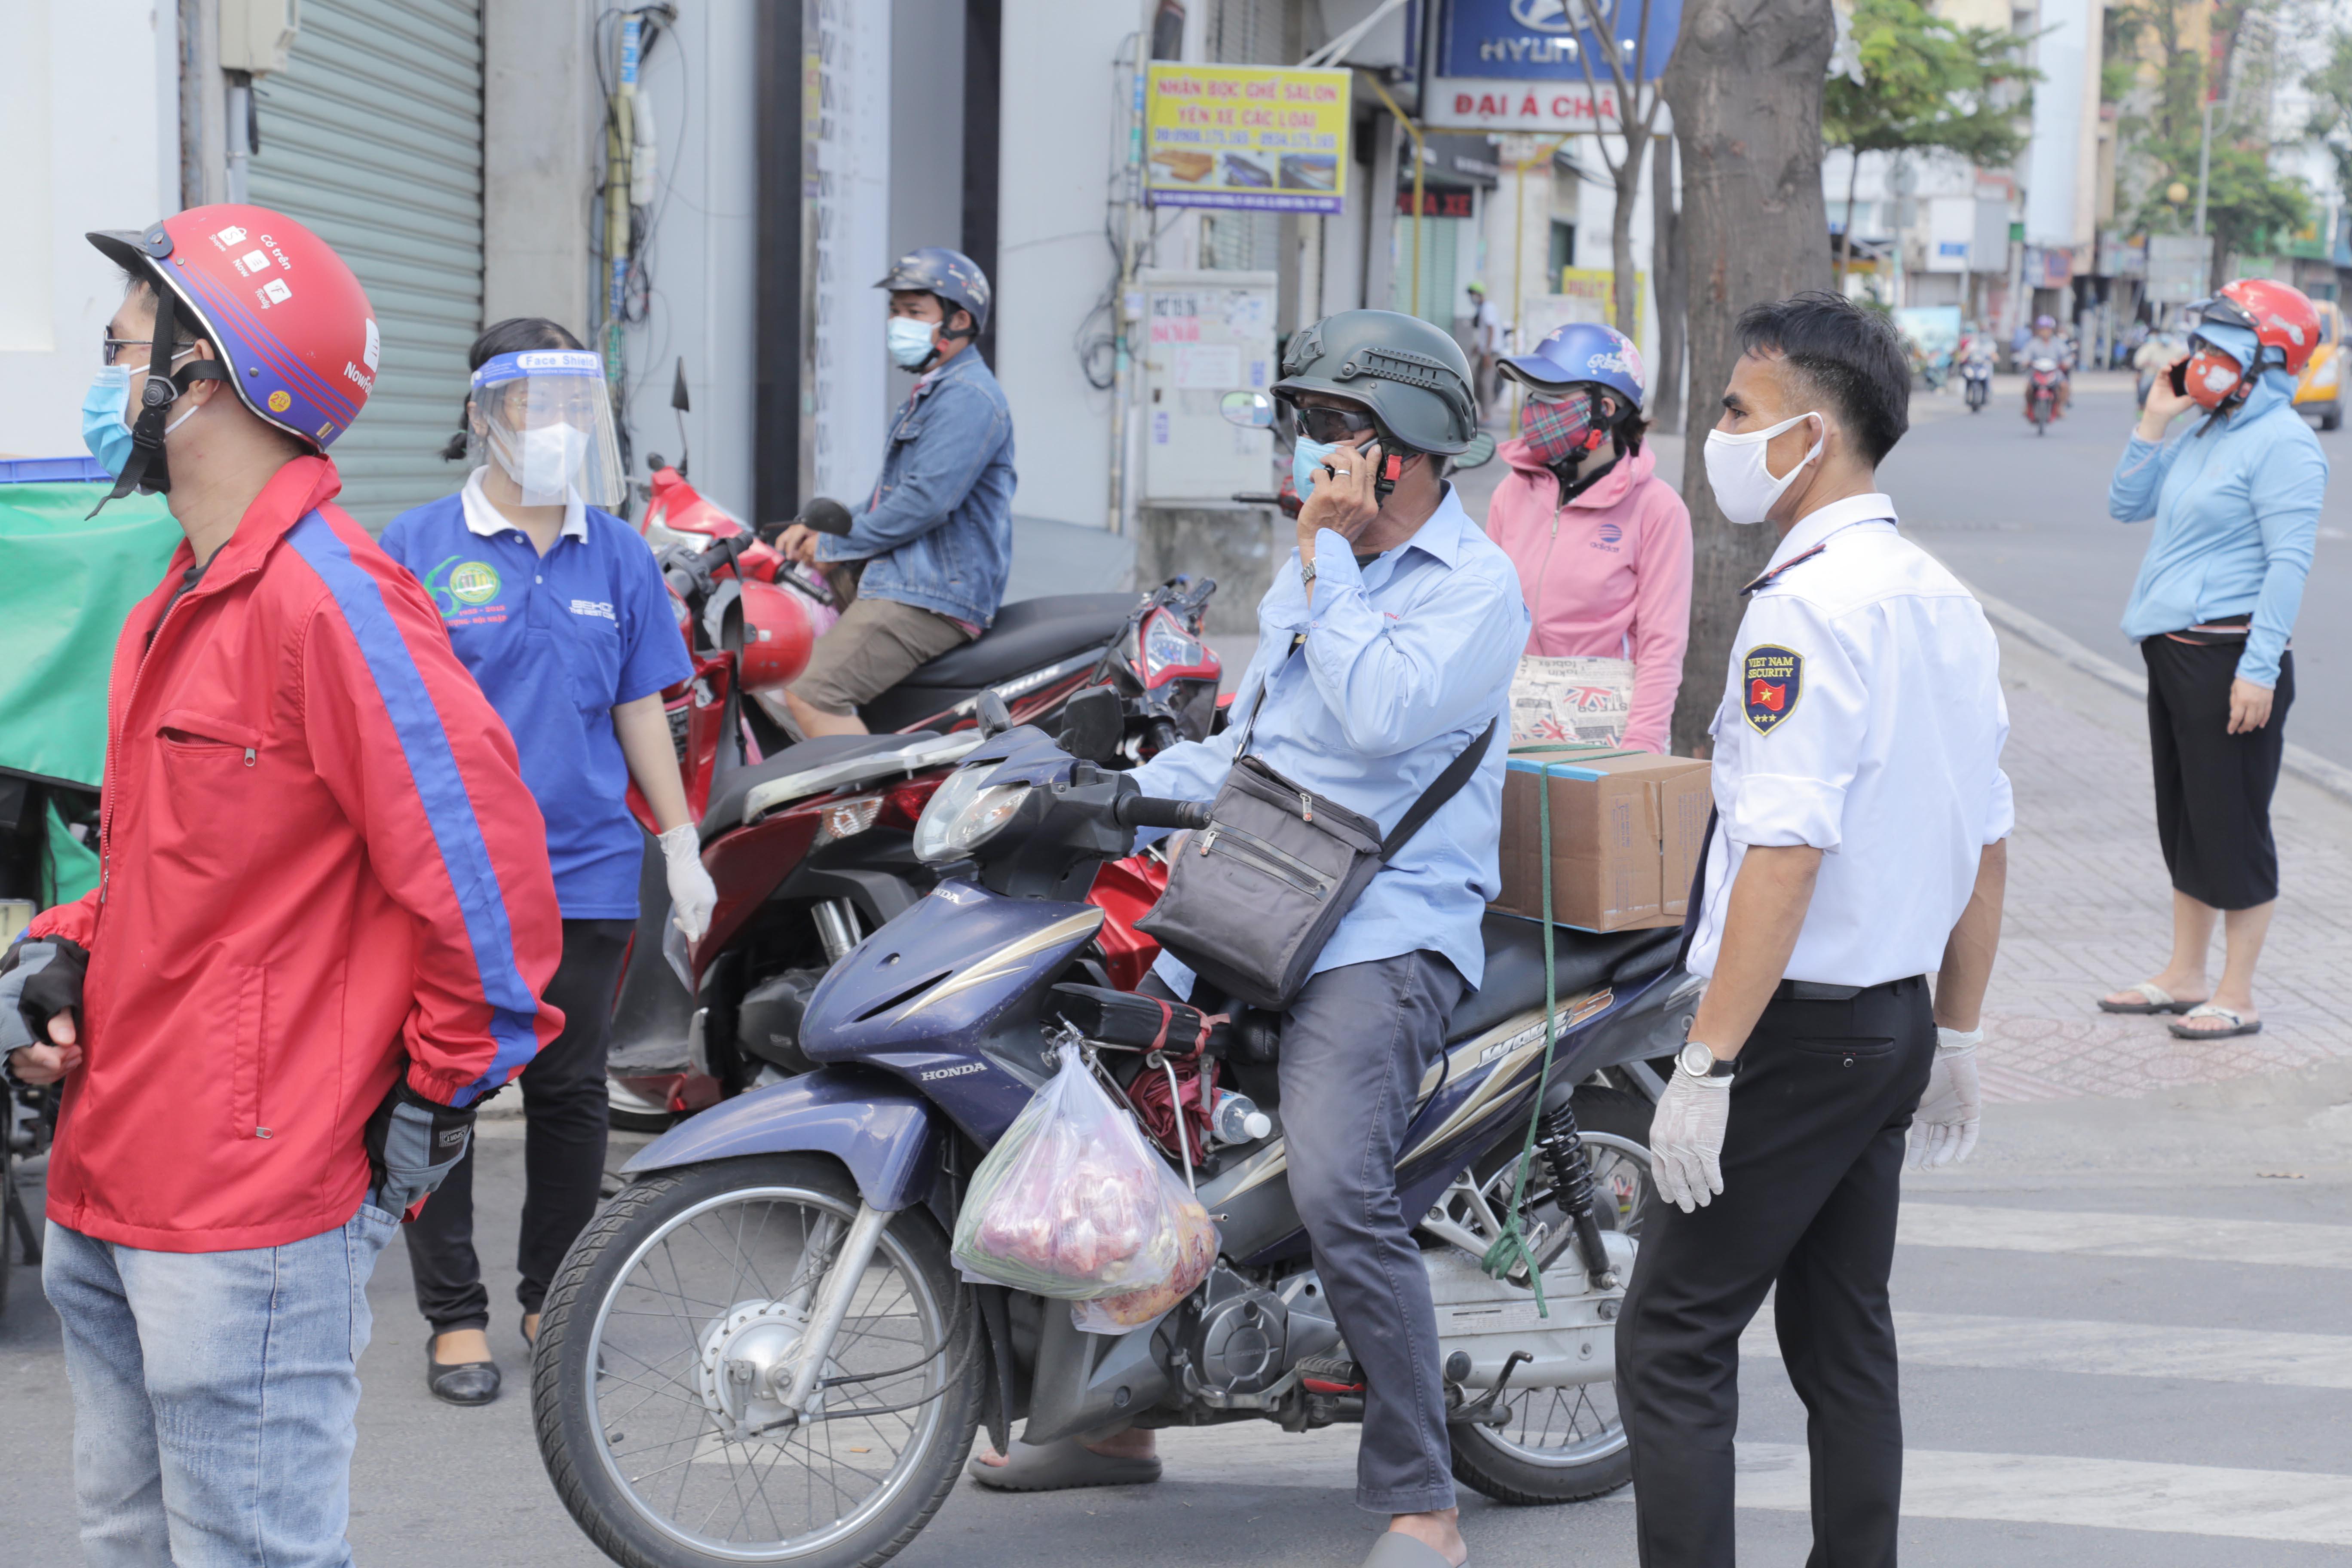 """Toàn cảnh phong tỏa """"nội bất xuất, ngoại bất nhập"""" tại 3 khu phố ở Bình Tân - 8"""